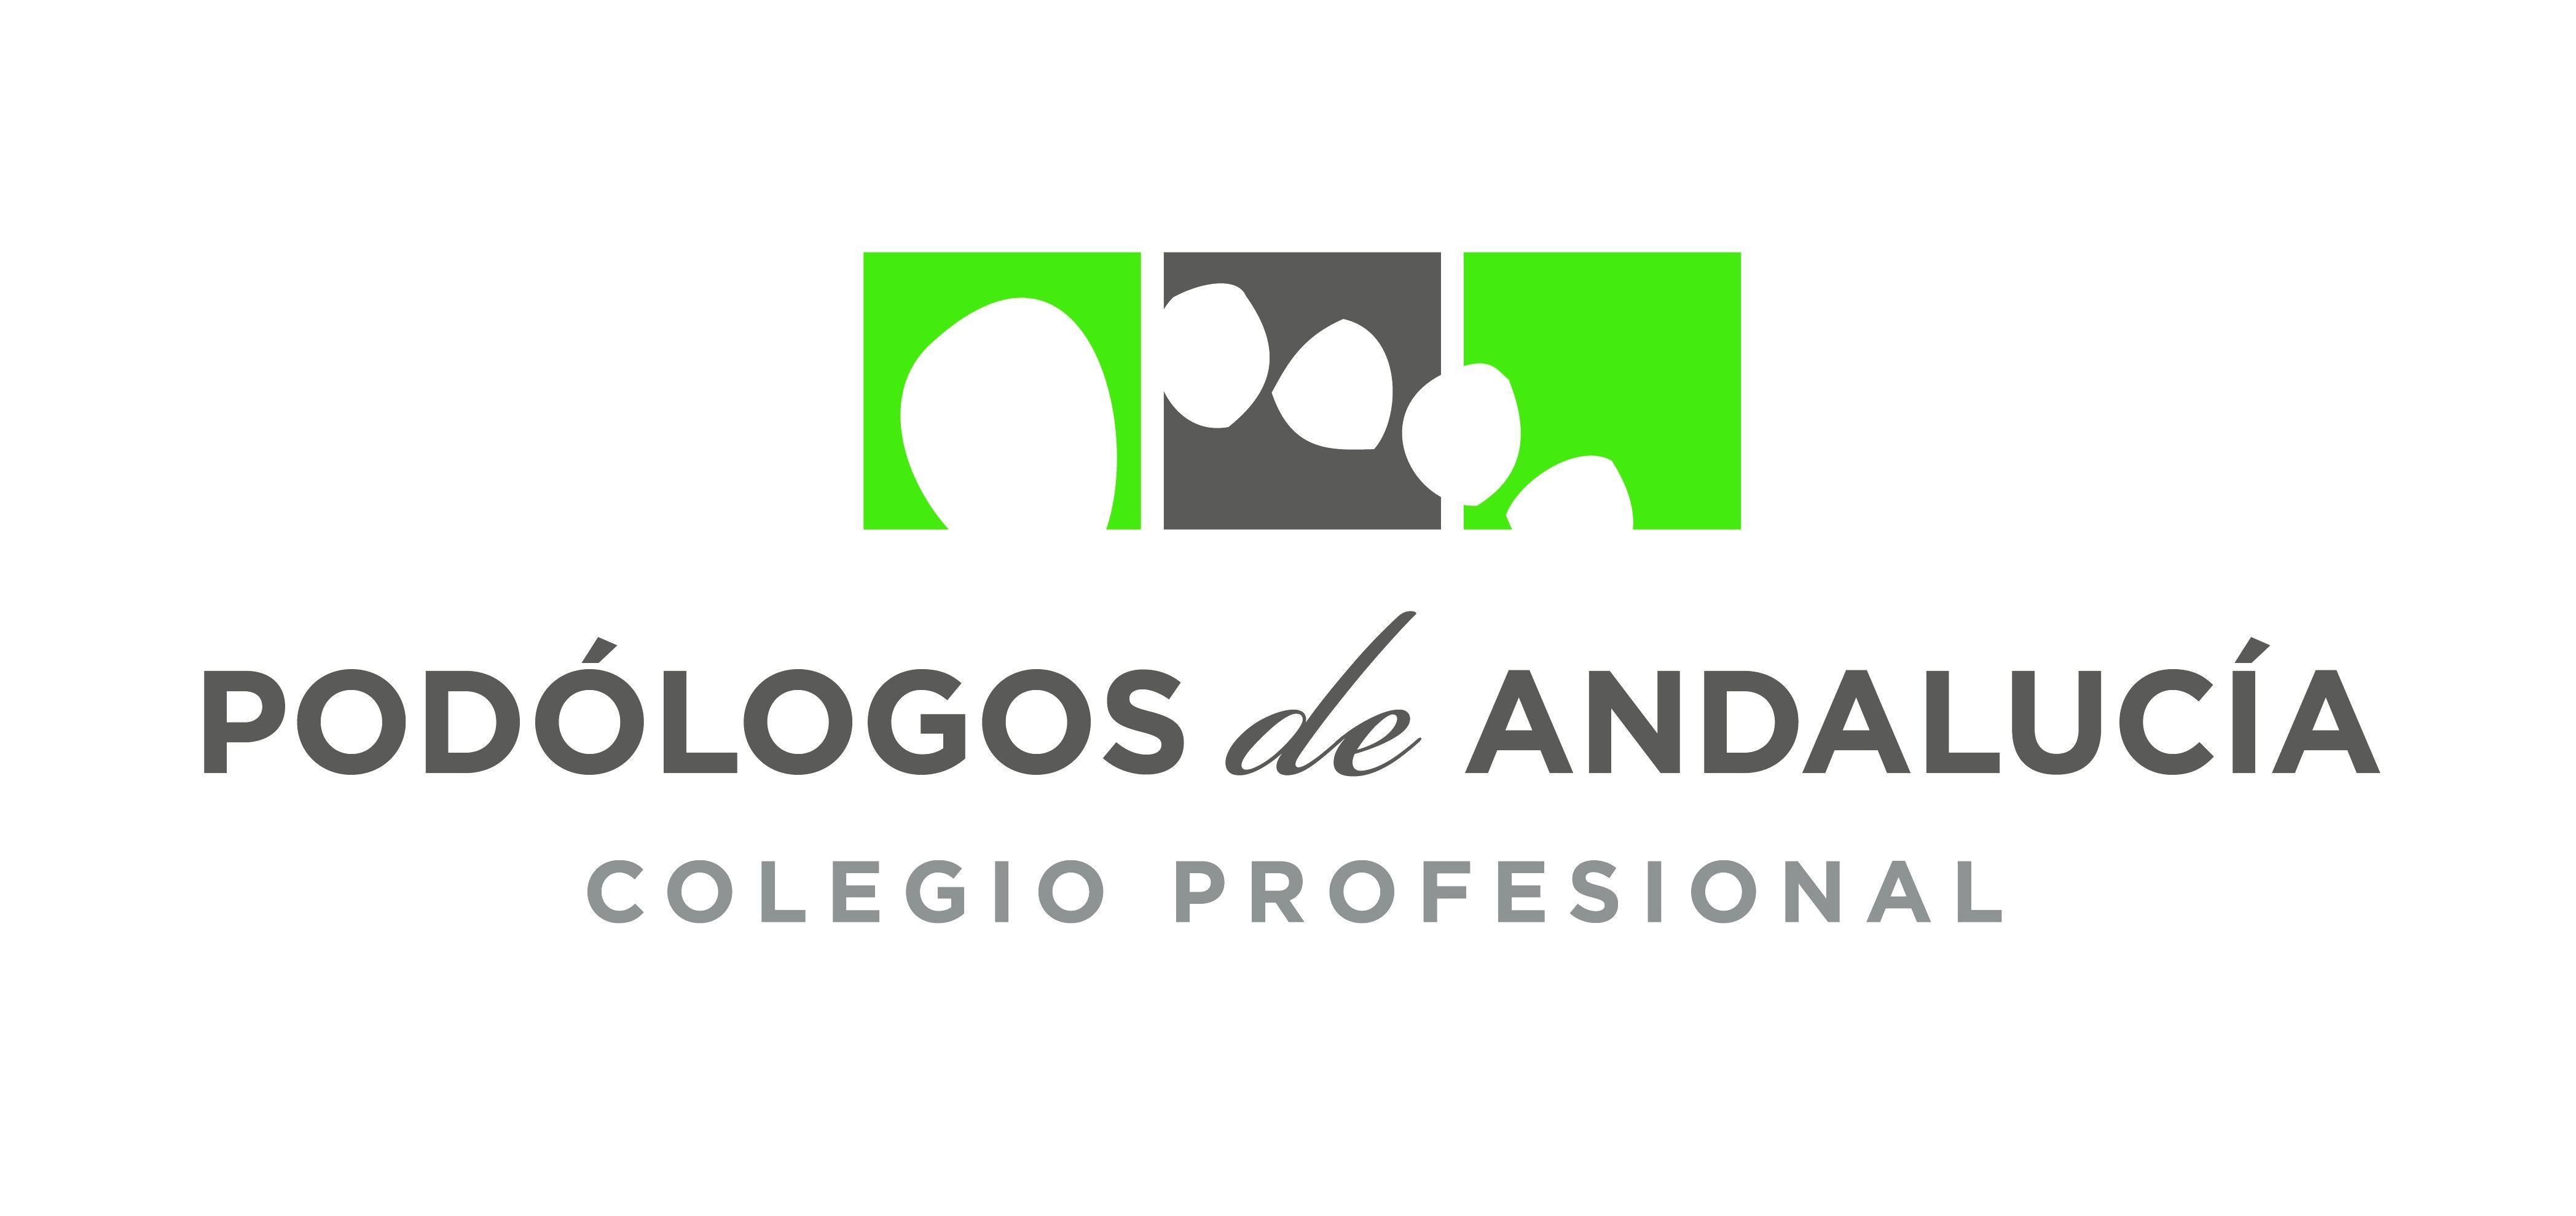 Nota de Prensa Colegio Profesional de Podólogos de Andalucía_Intrusismo Granada